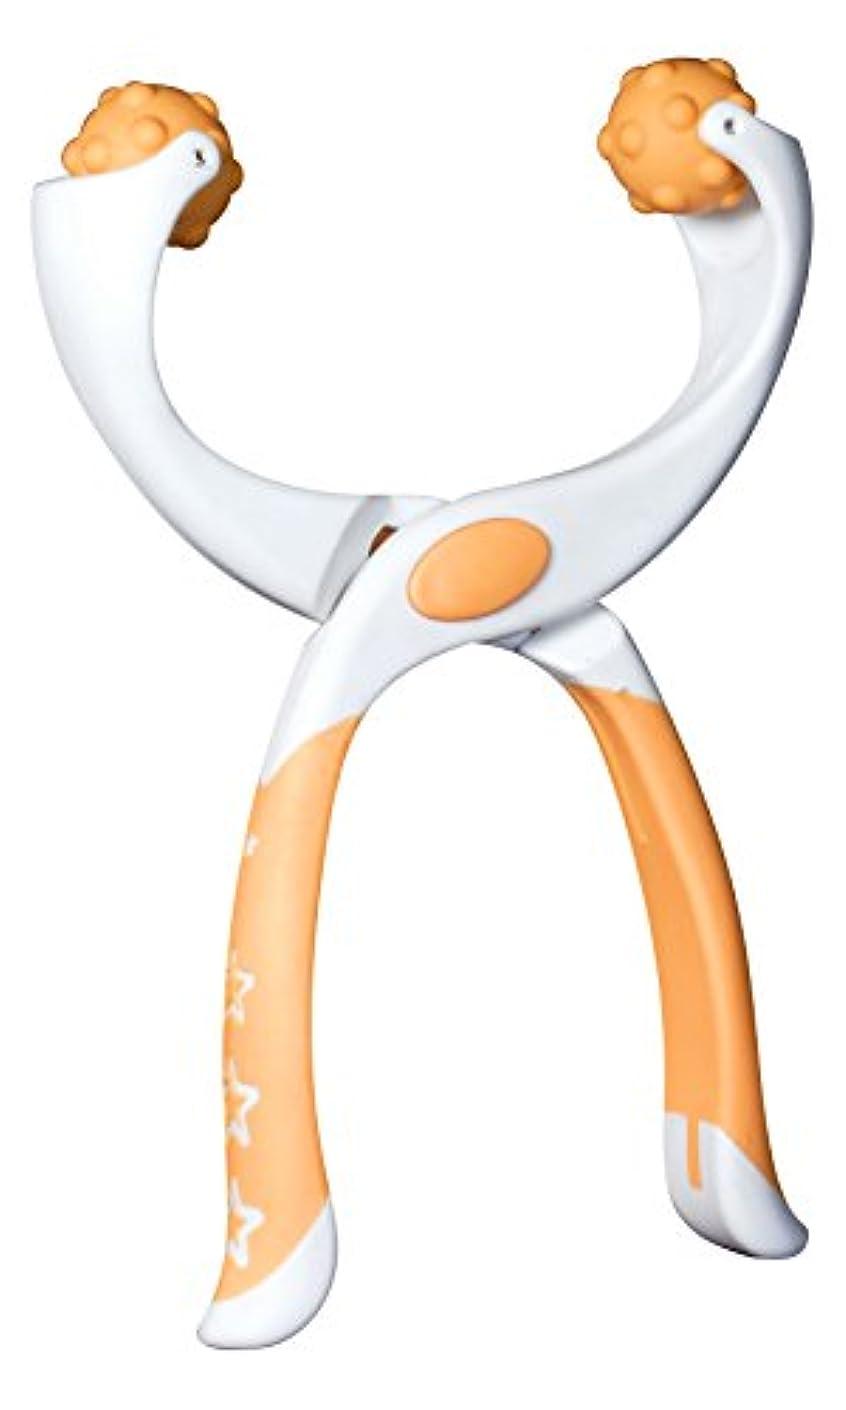 入力スロベニア口述するつまんdeペンチ ツボ押し【足用】 オレンジ ポーチ付き「職場で使える軽くて持ち運べるマッサージ機」